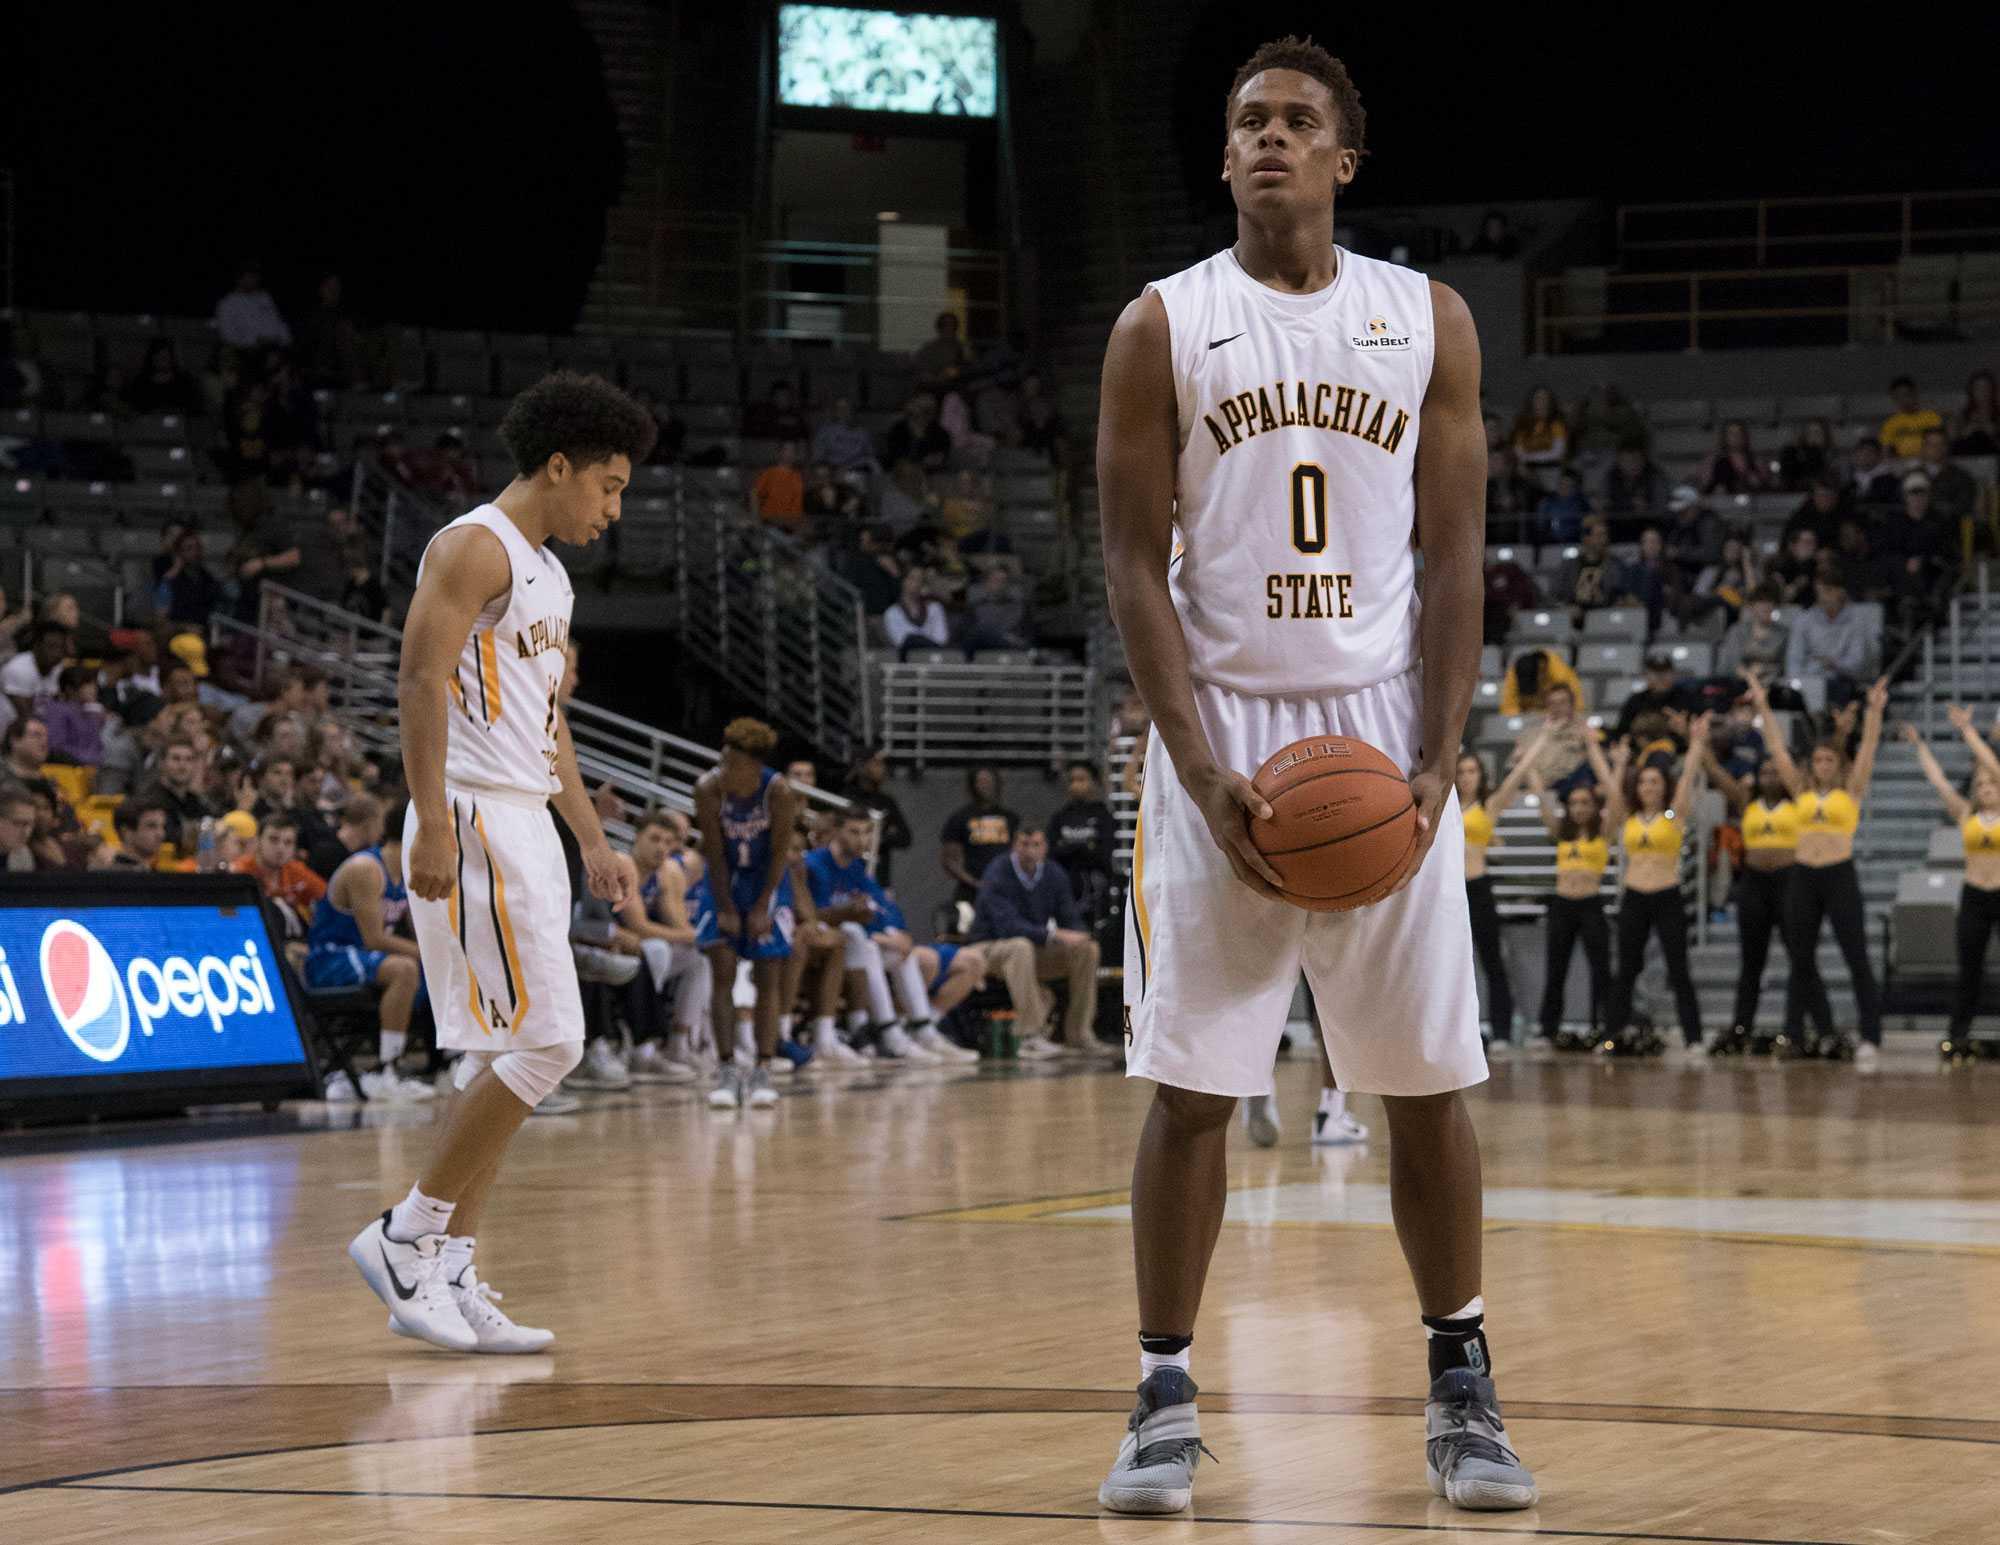 Freshman+forward+Isaac+Johnson+prepare+to+shoot+free+throw+during+the+game+against+UTA.+%0A